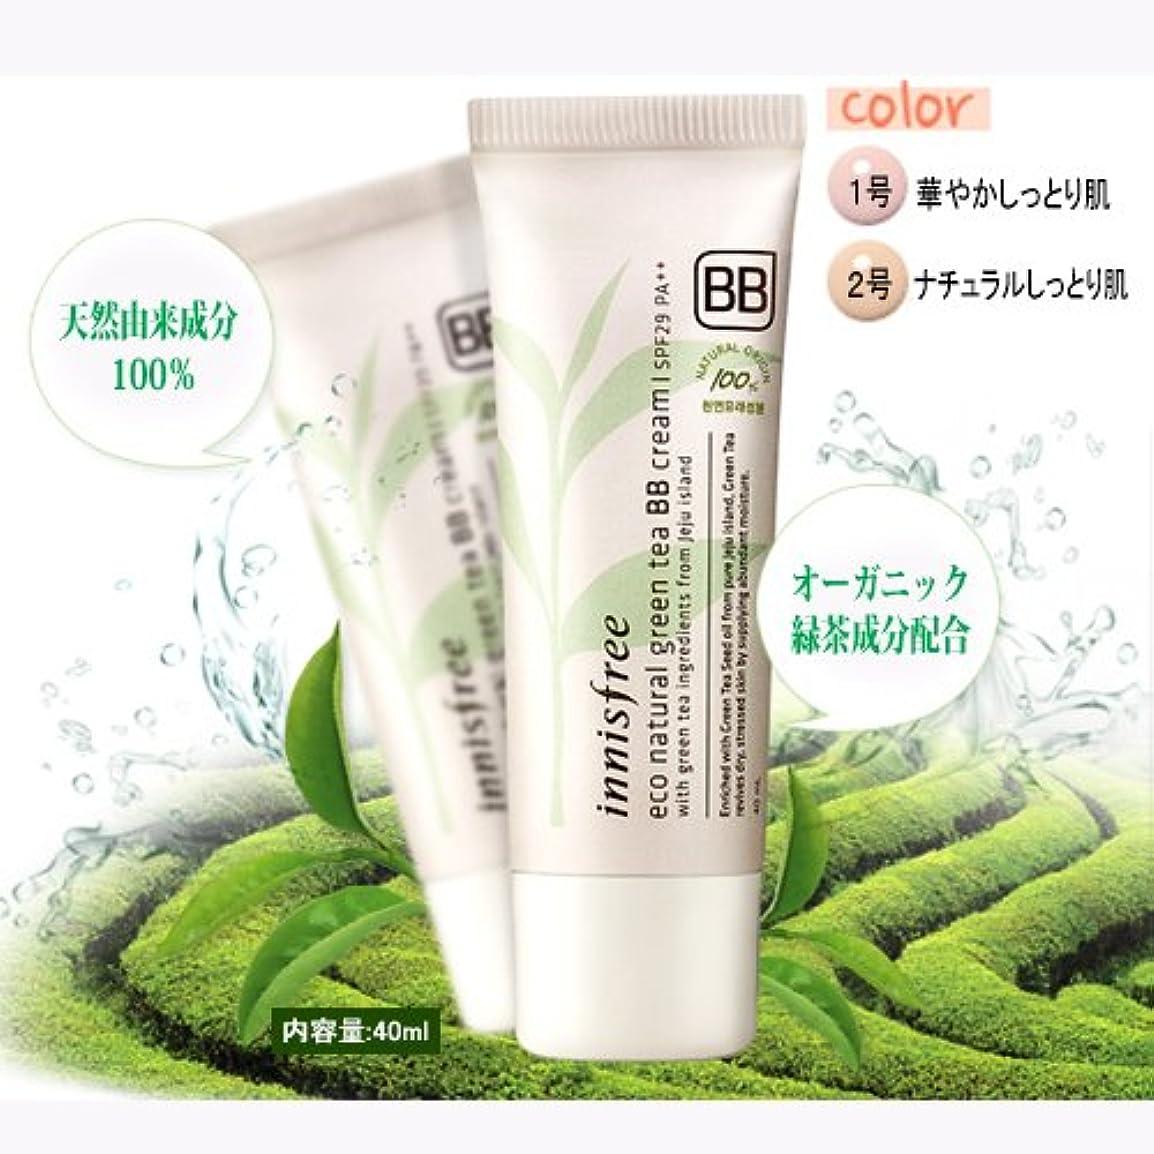 教えるふつう専門知識innisfree/イニスフリー Eco Natural Green Tea BB Cream #02/エコナチュラルグリーンティーBBクリームナチュラルなしっとりお肌 SPF29PA++40ml